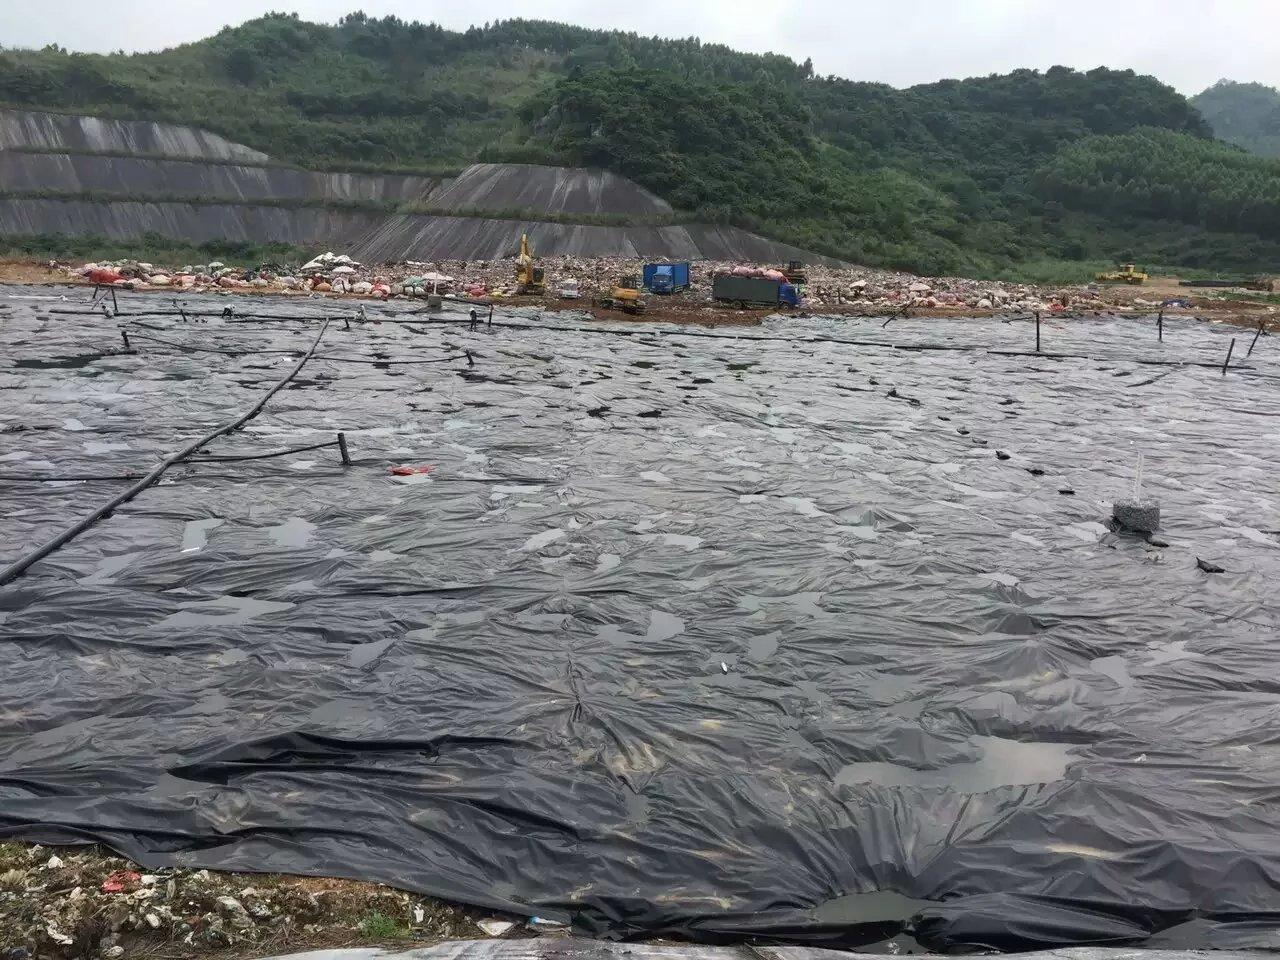 柳州立冲沟城市垃圾填埋场覆盖工程  垃圾填埋场案例 第4张